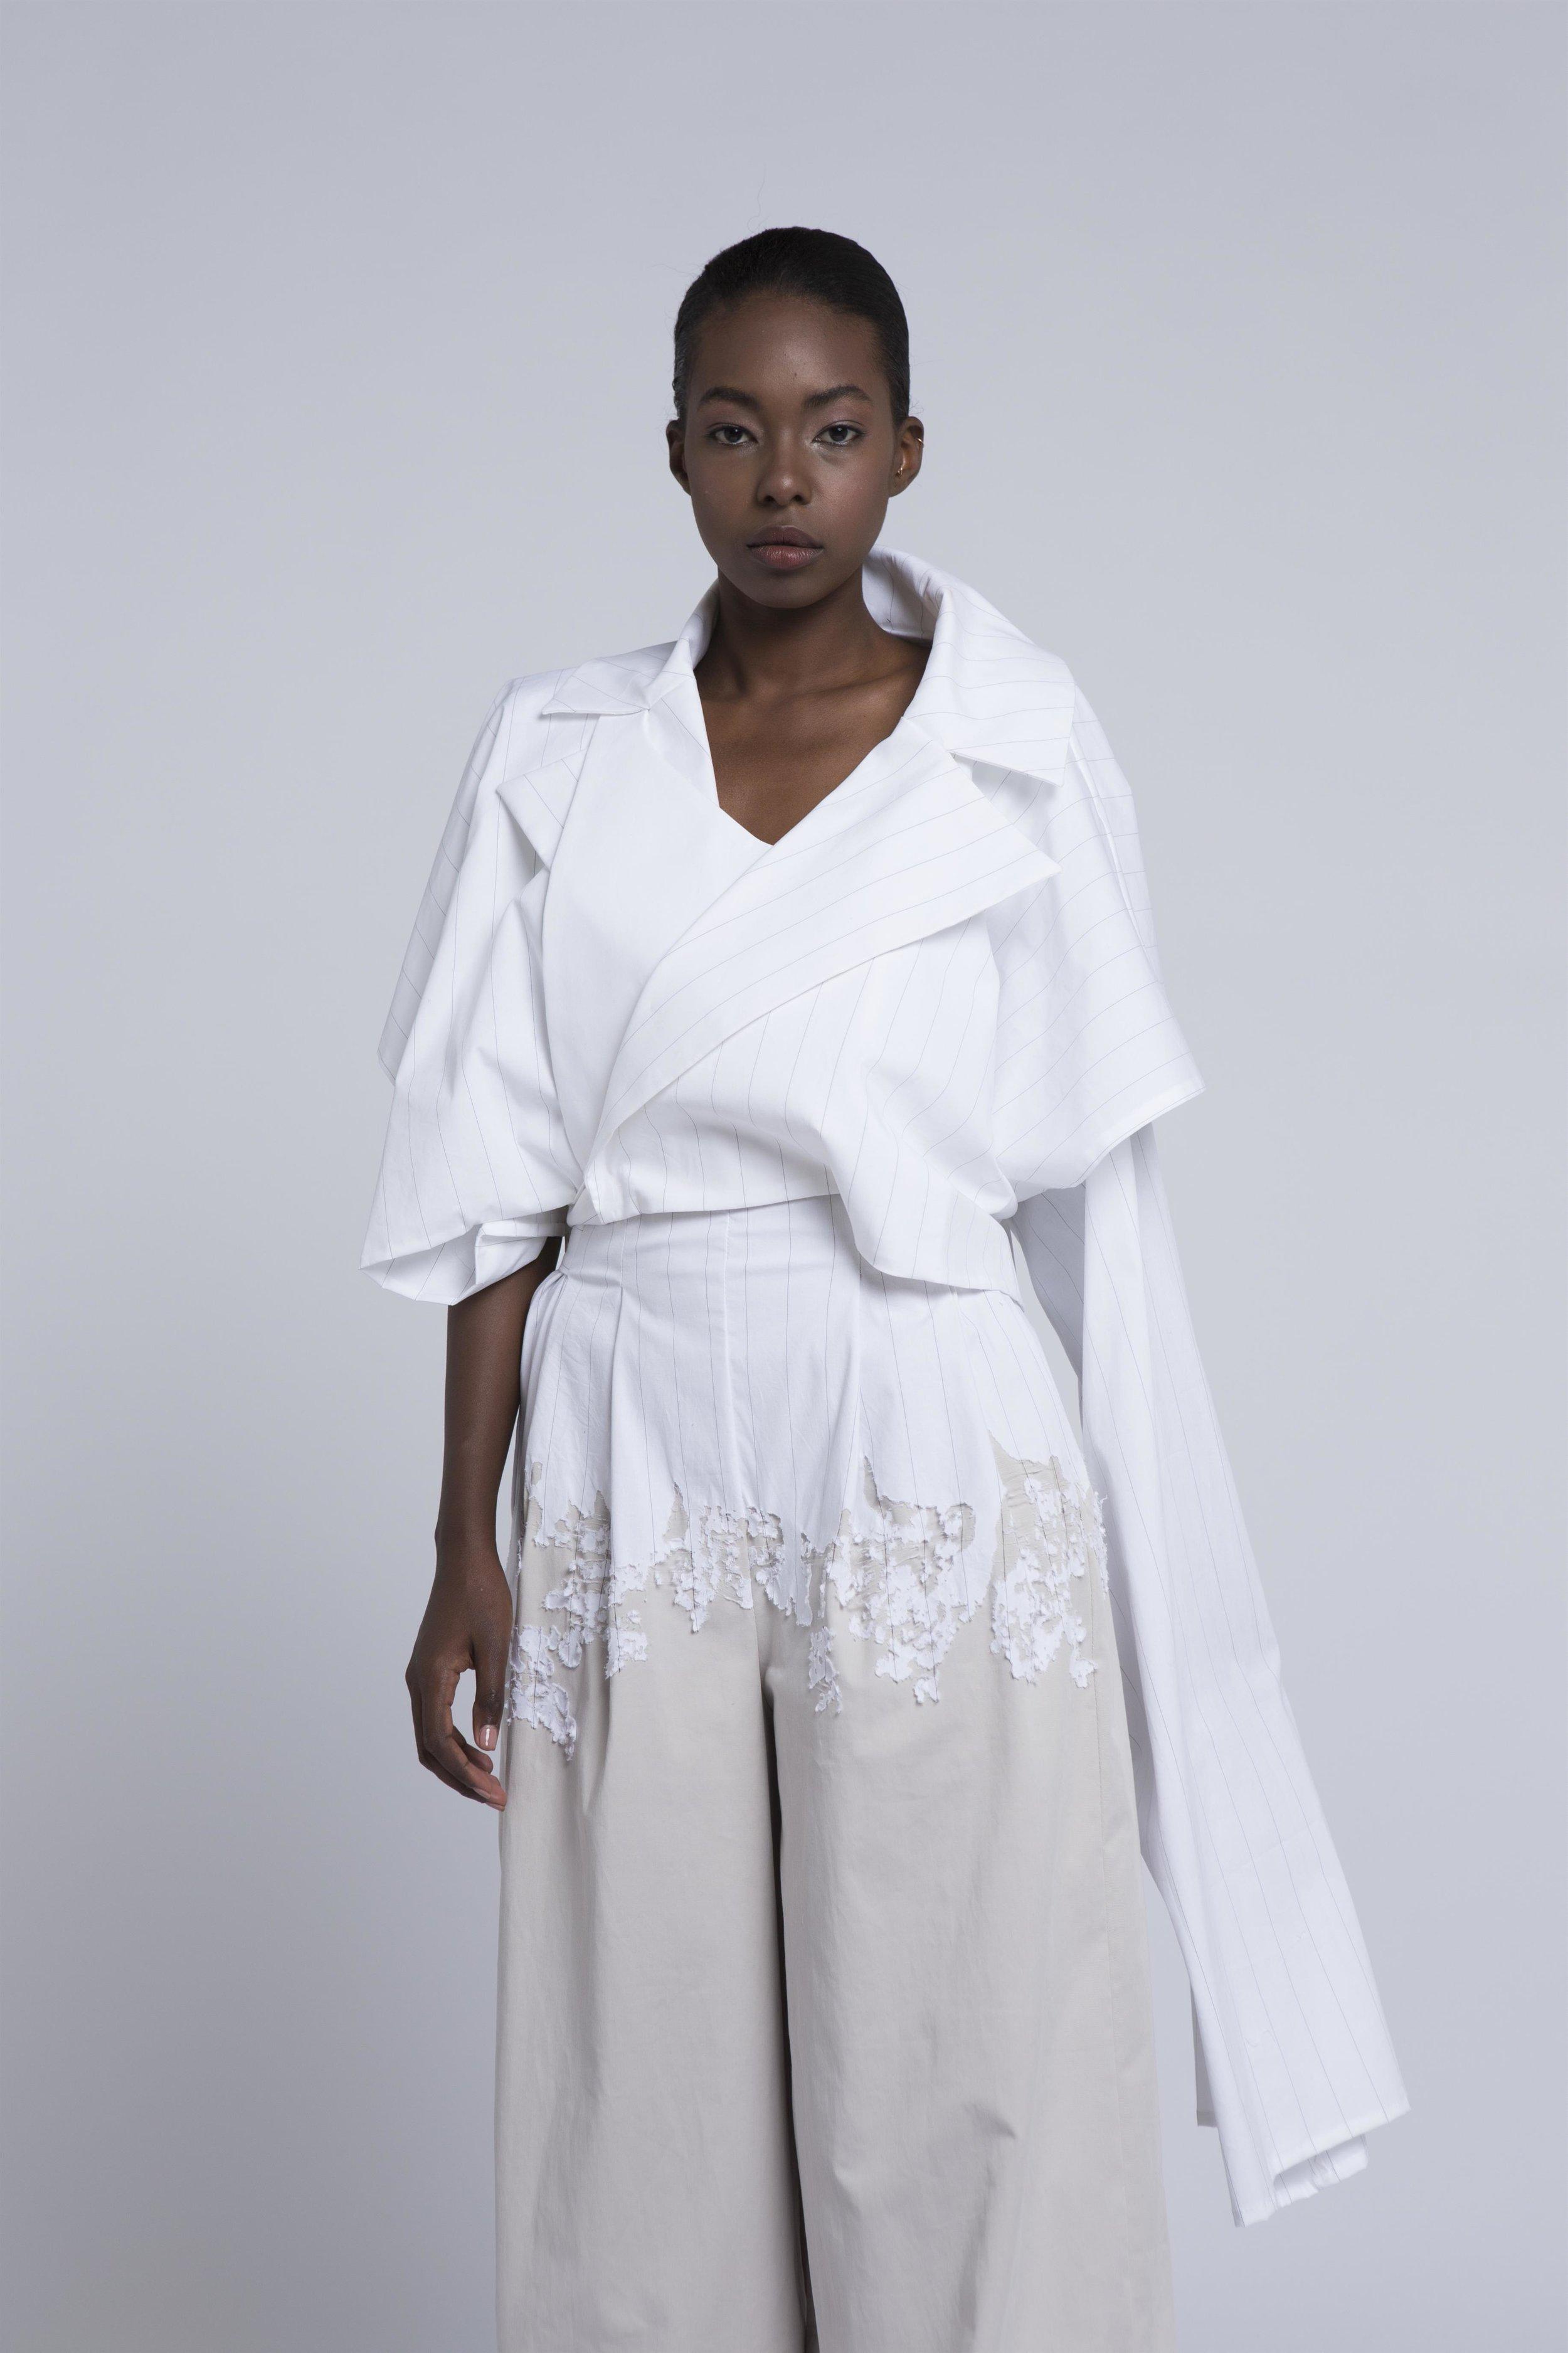 איה גיל - Fair and squareהעיסוק בצורך להפחית את כמויות הפסולת אשר גורמת תעשיית האופנה, ובמיוחד עם התחזקות חברות 'אופנה מהירה' המעצימות את הבעיה, הוא מקור ההשראה לקולקציה המשלבת ג'ינסים ודיטליים מחויטים, מוטיבים משקיות פלסטיק, ופריטים הניתנים ללבישה על ידי שני המינים, תוך שילוב טכניקה יפנית עתיקה בשם 'בורו'